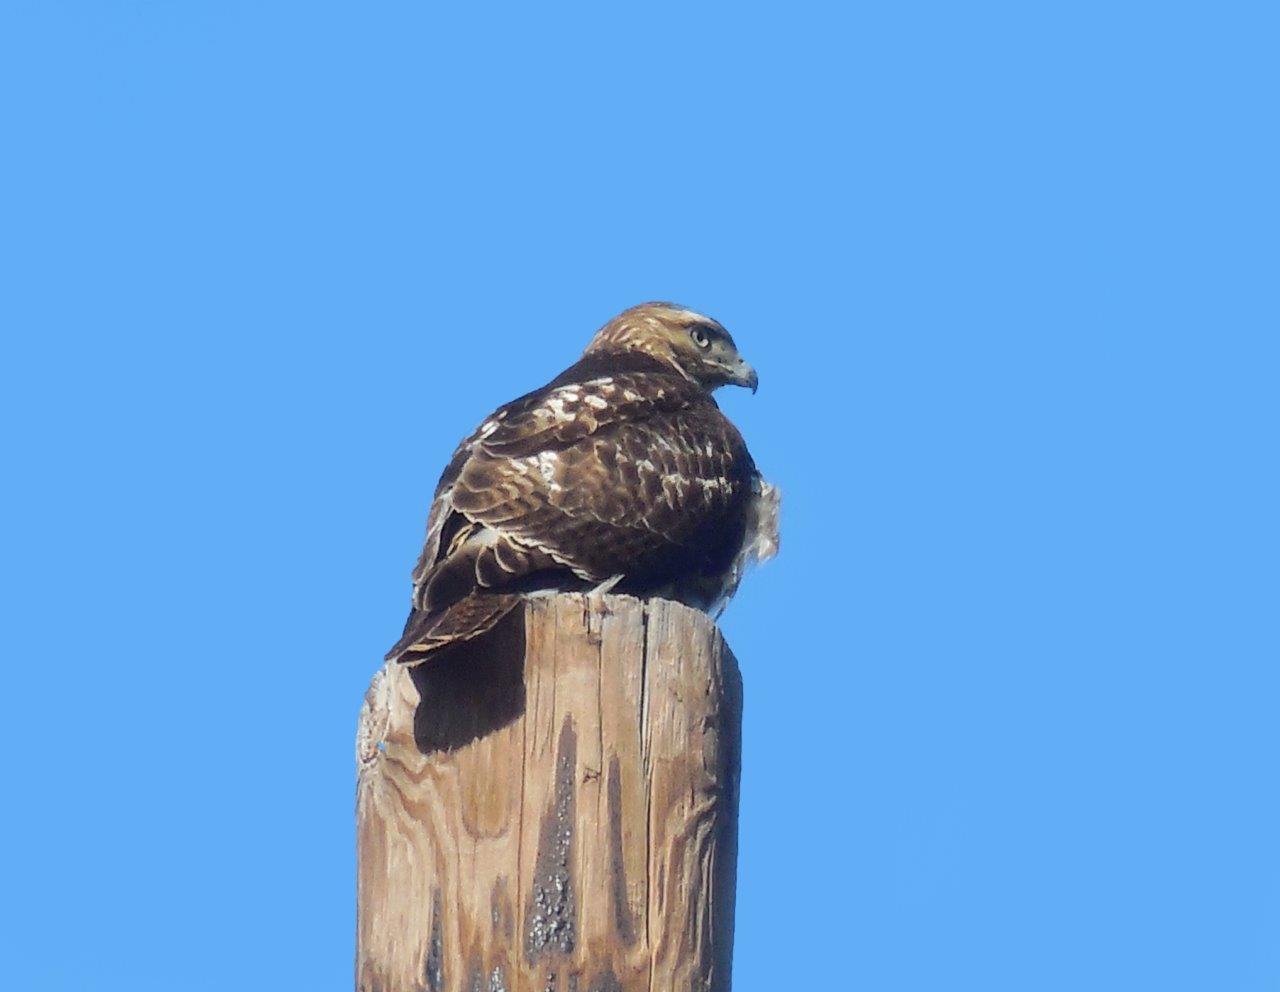 59. Red Shouldered Hawk